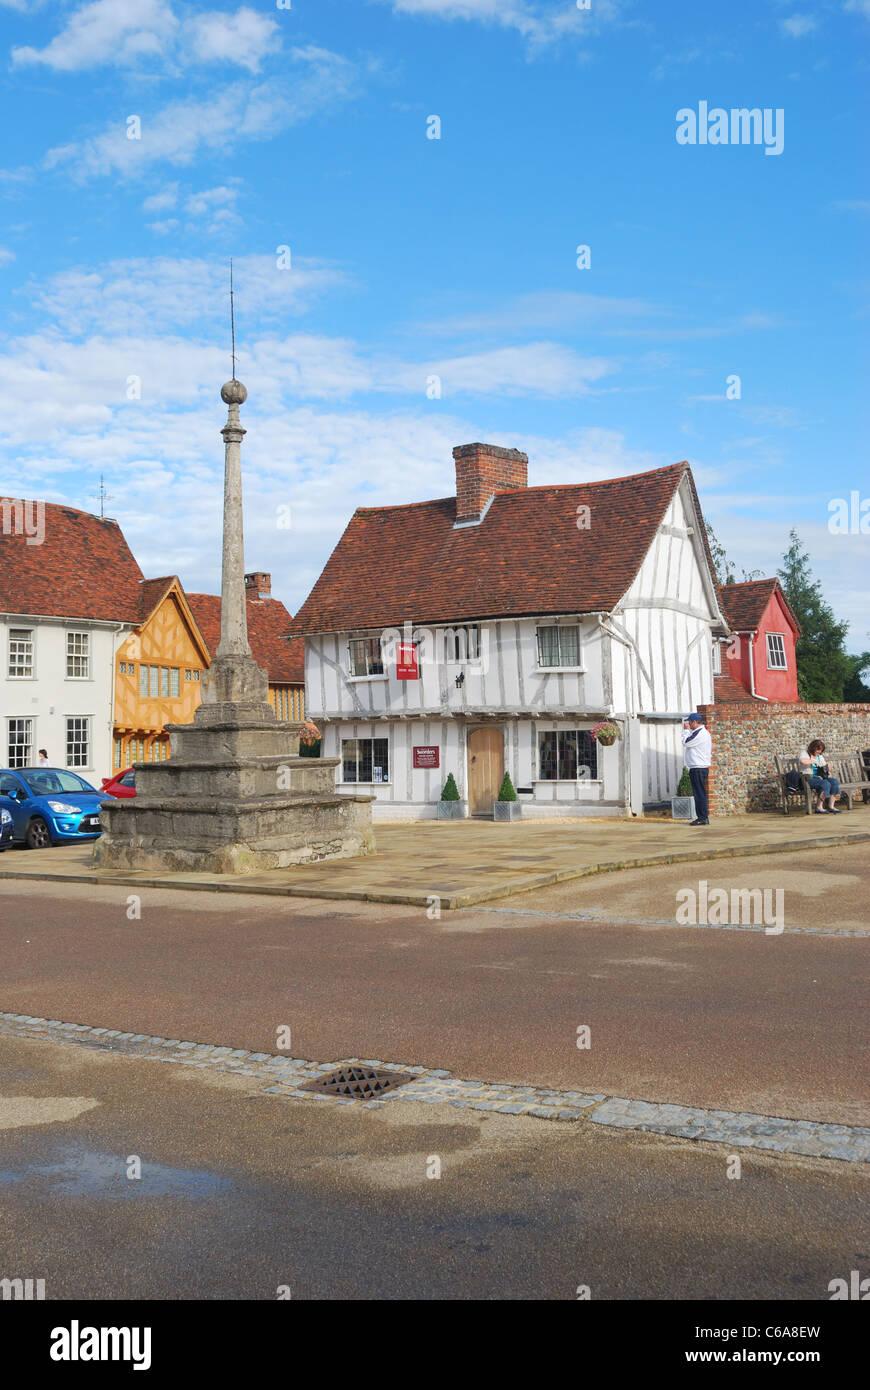 Town Square Lavenham - Stock Image